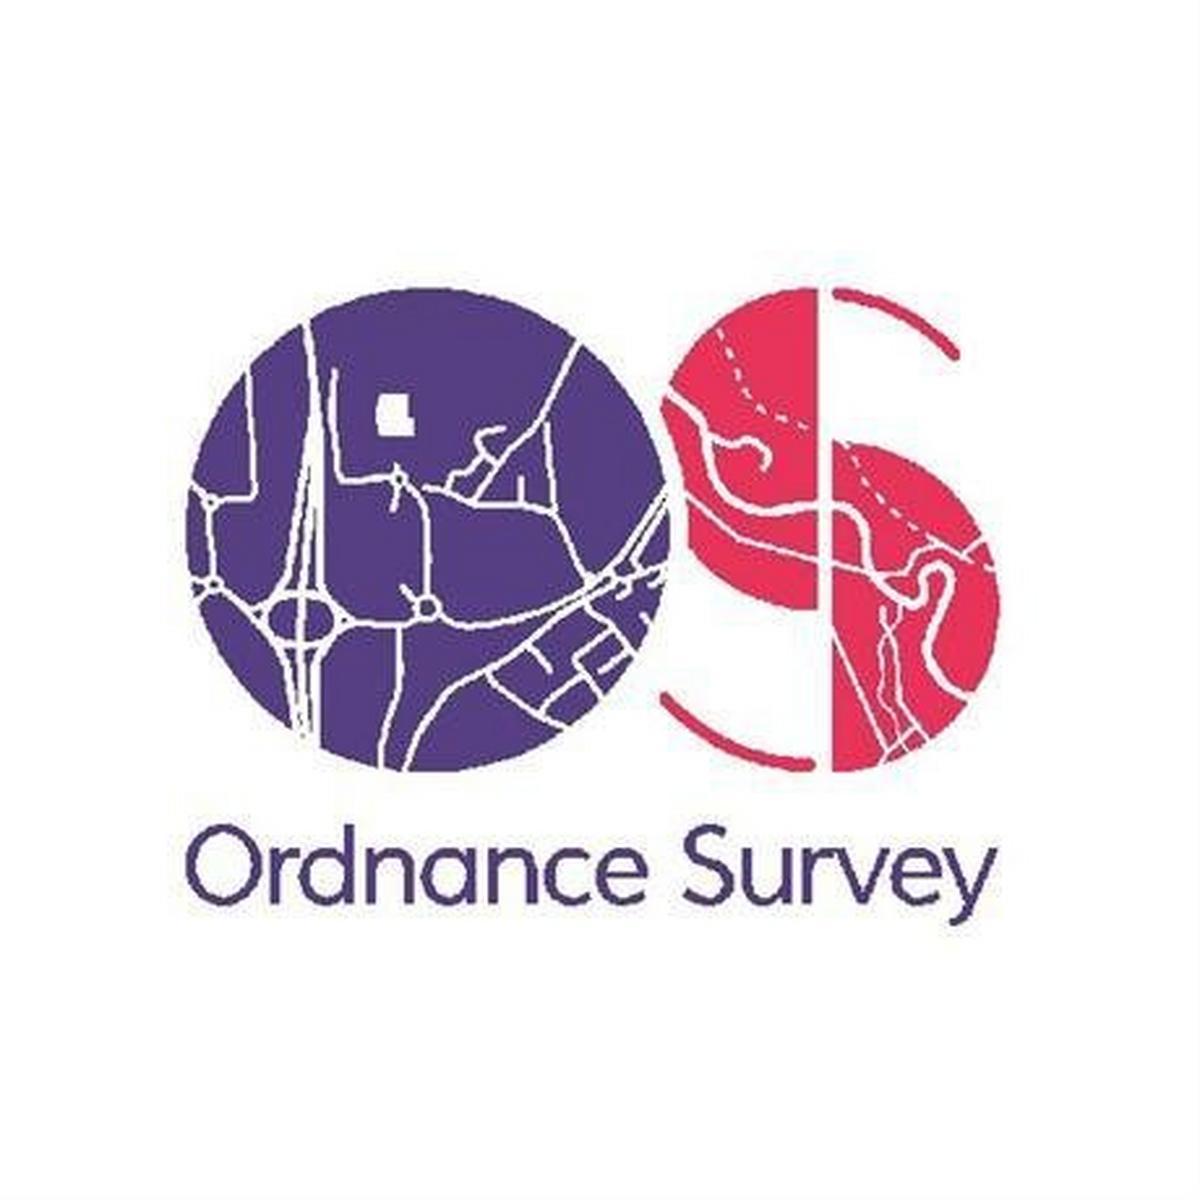 Ordnance Survey OS Landranger Map 51: Loch Tay & Glen Dochart